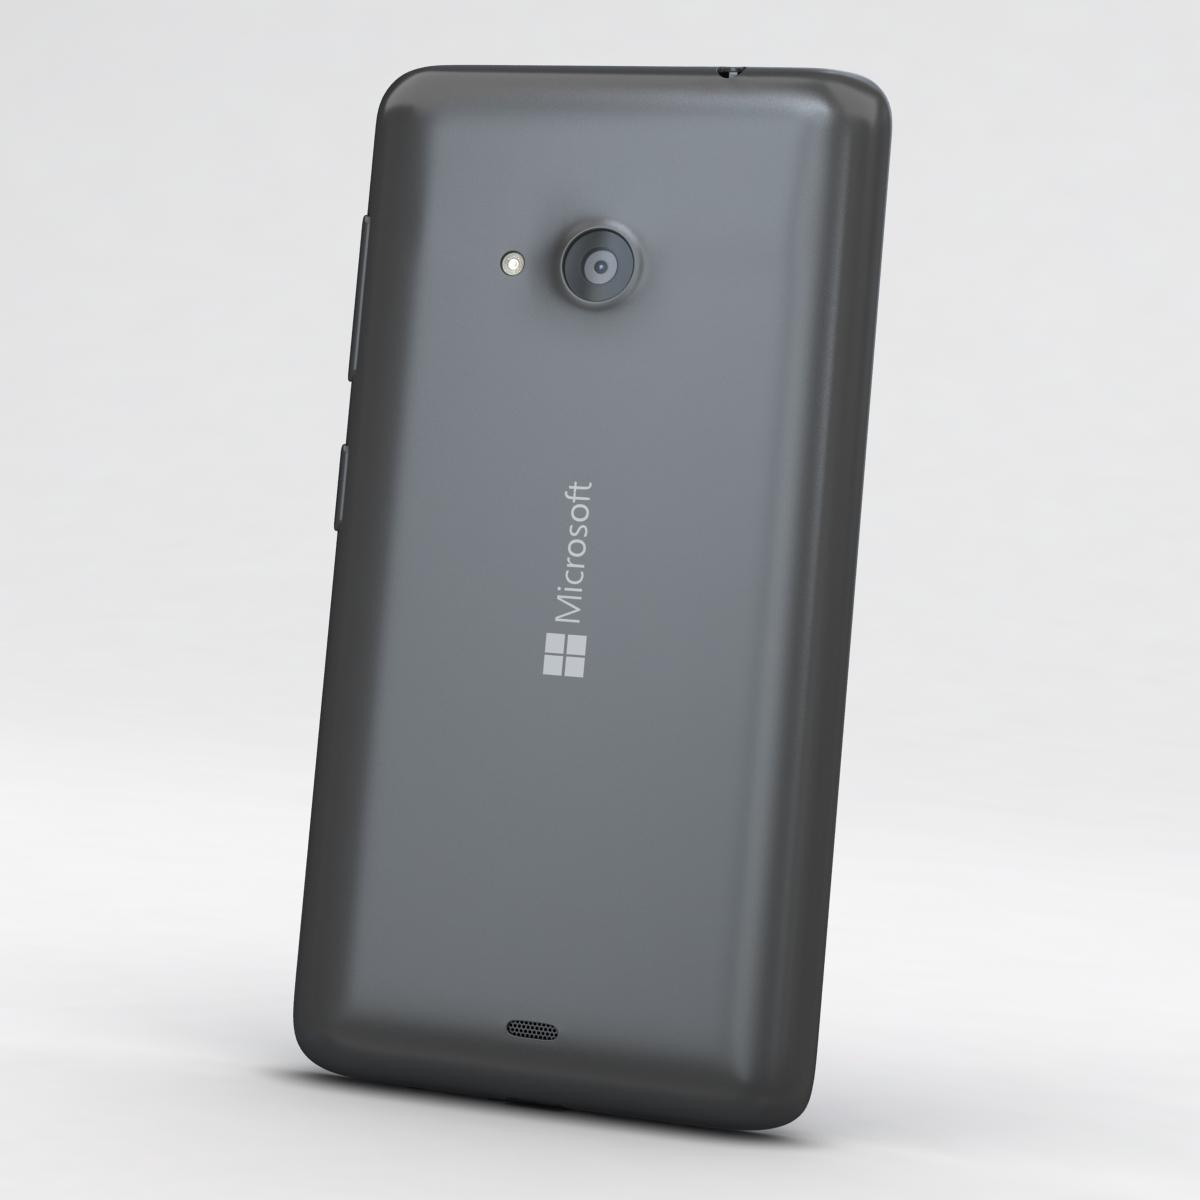 microsoft lumia 535 and dual sim all colors 3d model 3ds max fbx c4d obj 204687